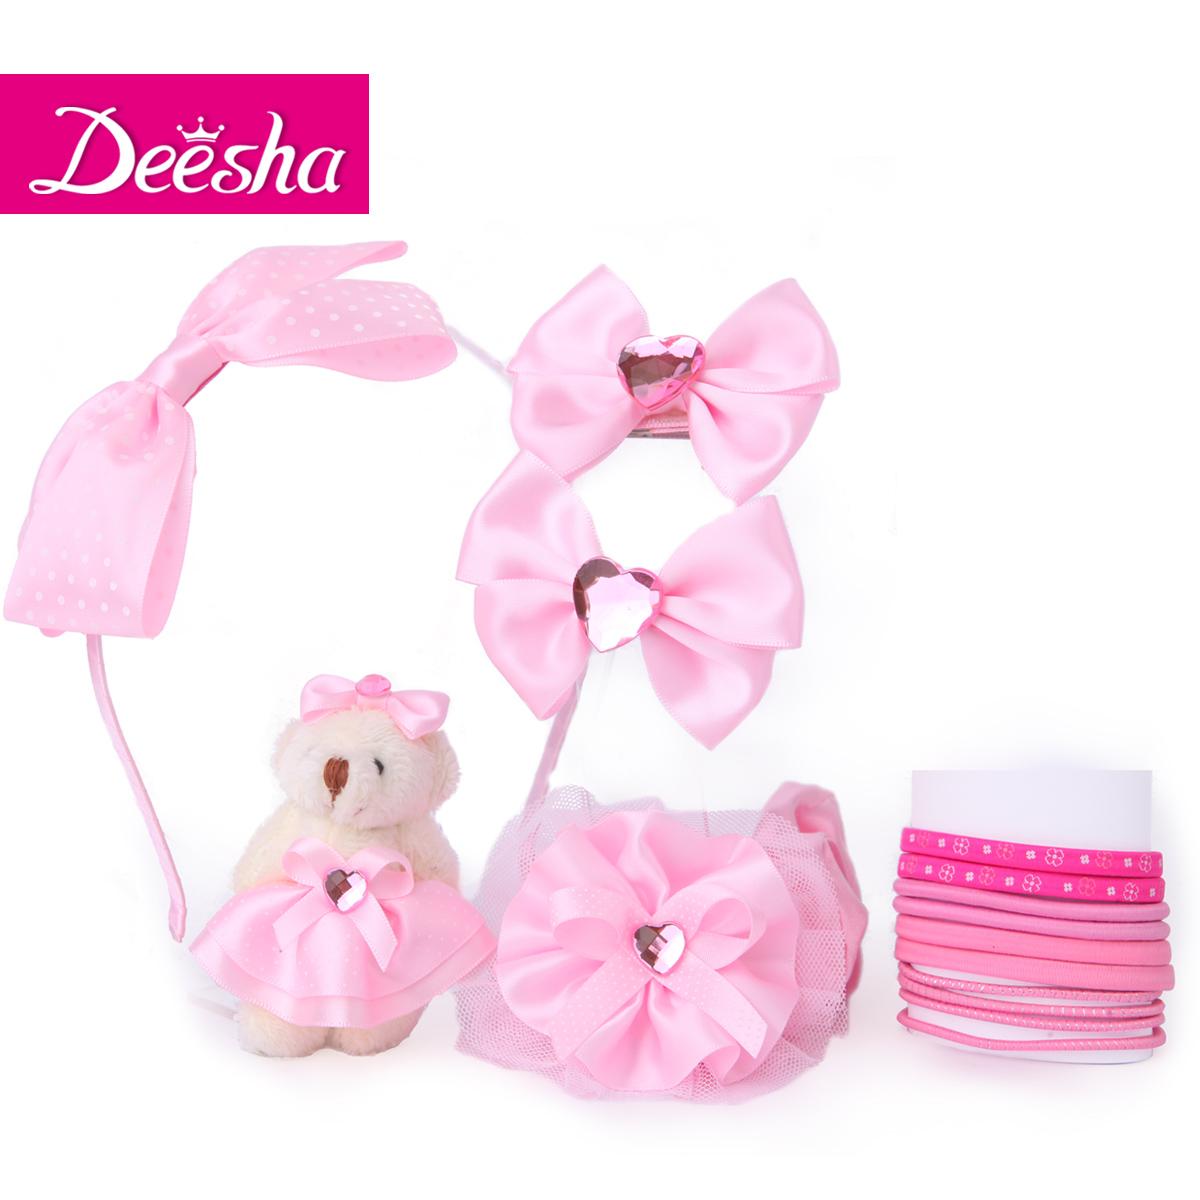 Детские аксессуары DEESHA 1351039 Аксессуары для волос Девушки